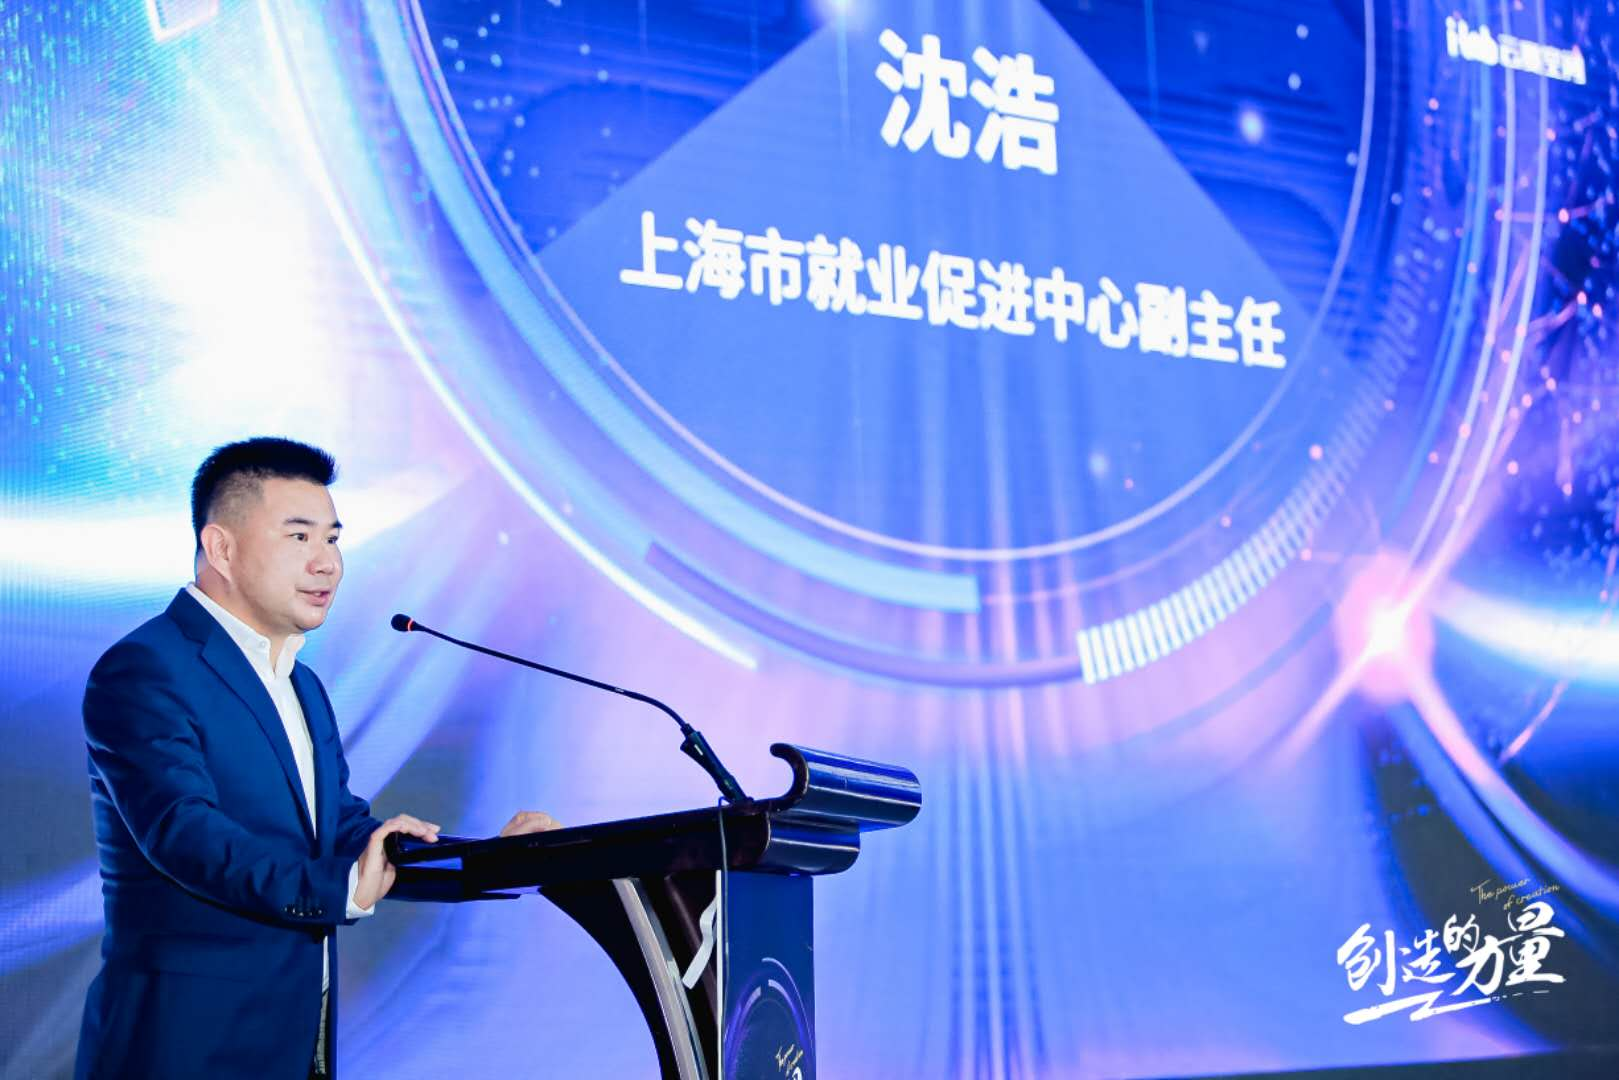 上海市就业促进中央副主任沈浩